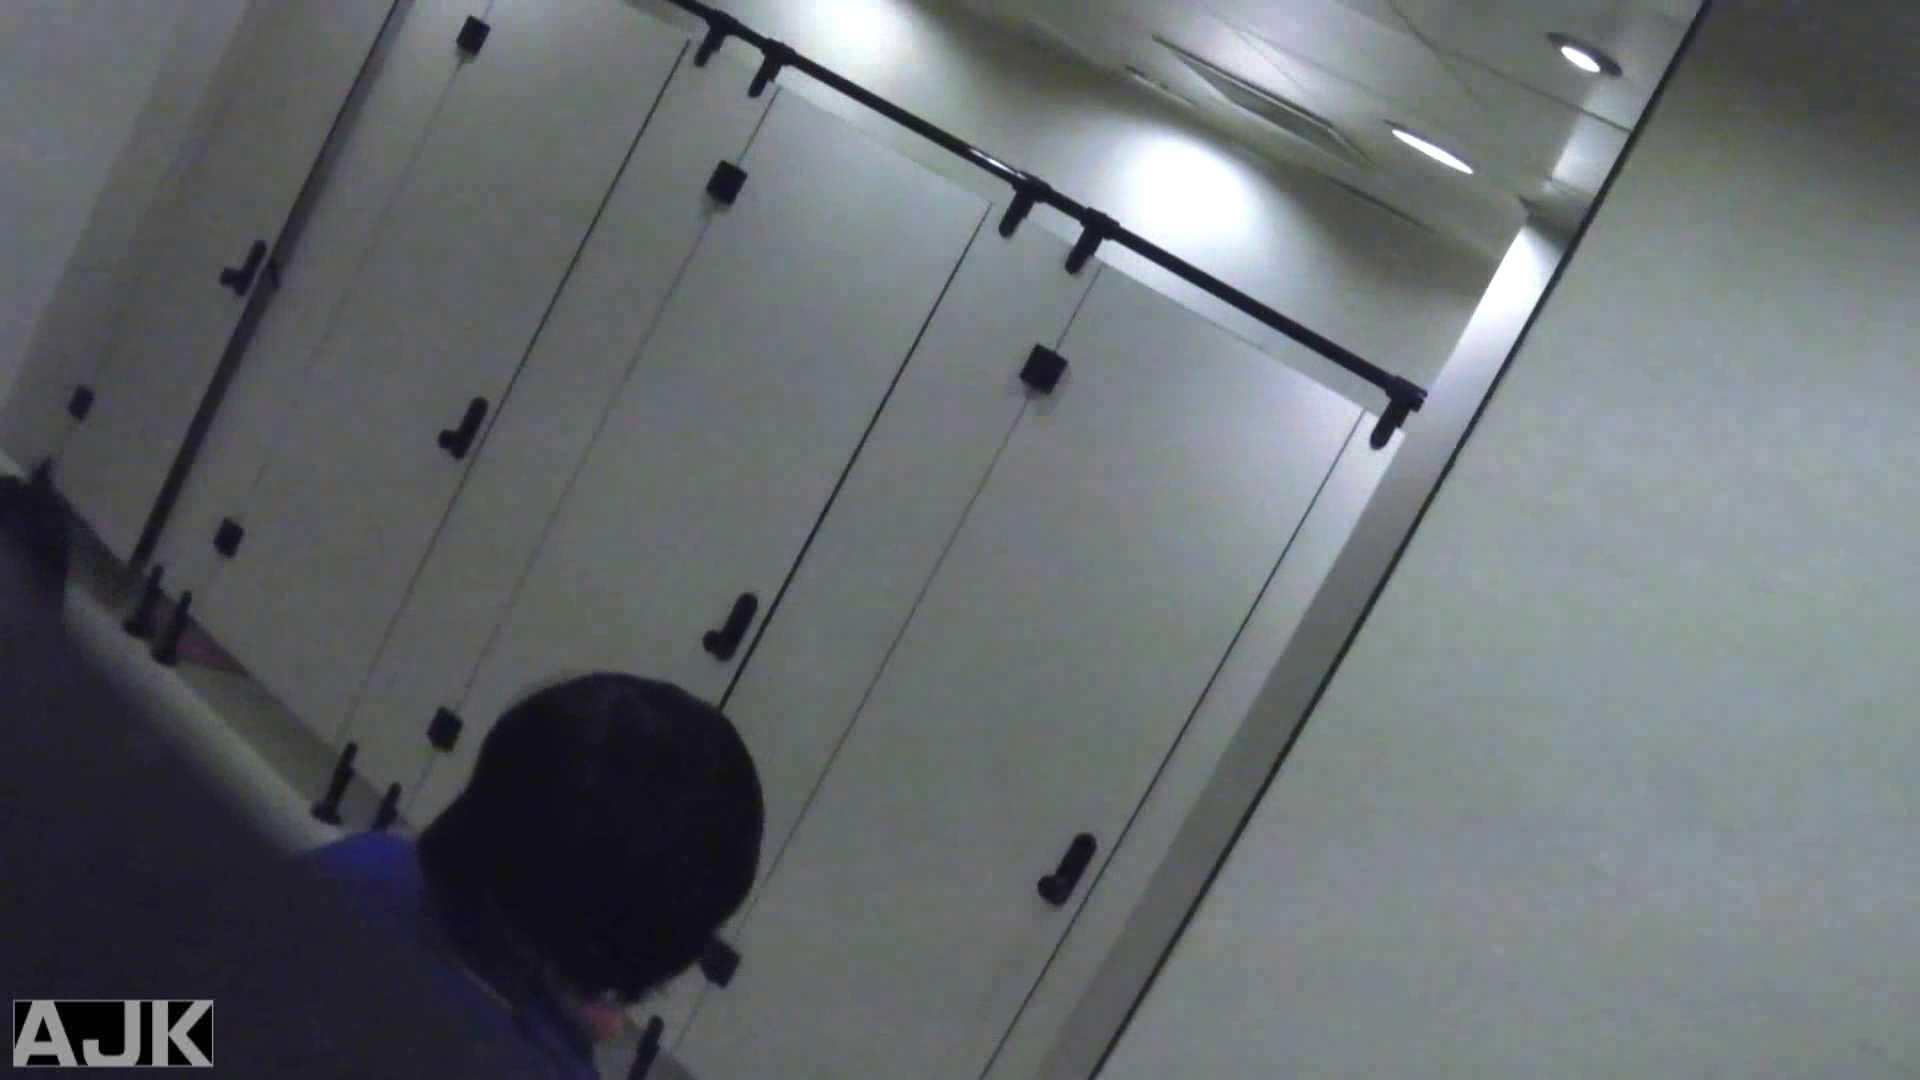 神降臨!史上最強の潜入かわや! vol.30 潜入 戯れ無修正画像 110PIX 39